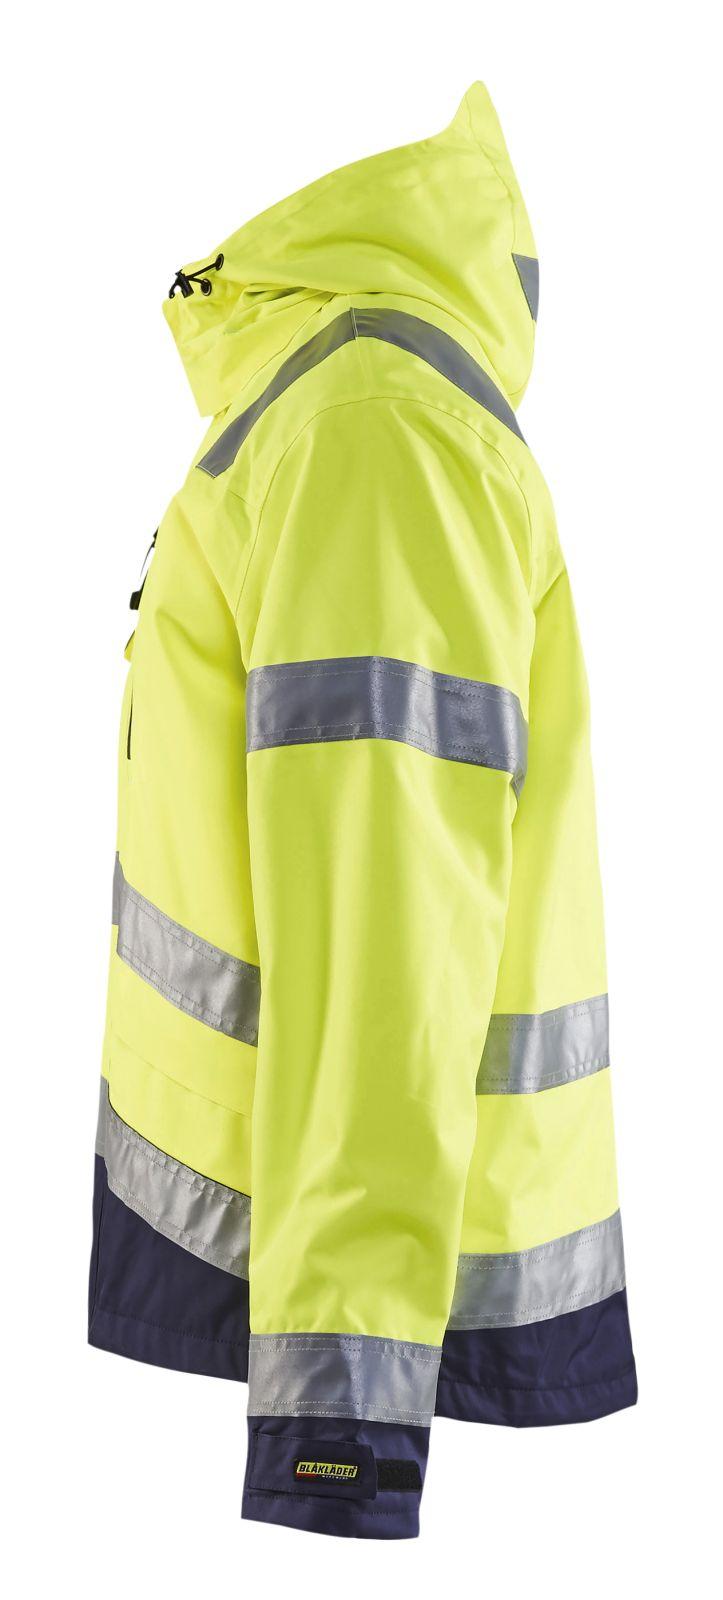 Blaklader Jassen 48371977 High Vis fluo geel-marineblauw(3389)